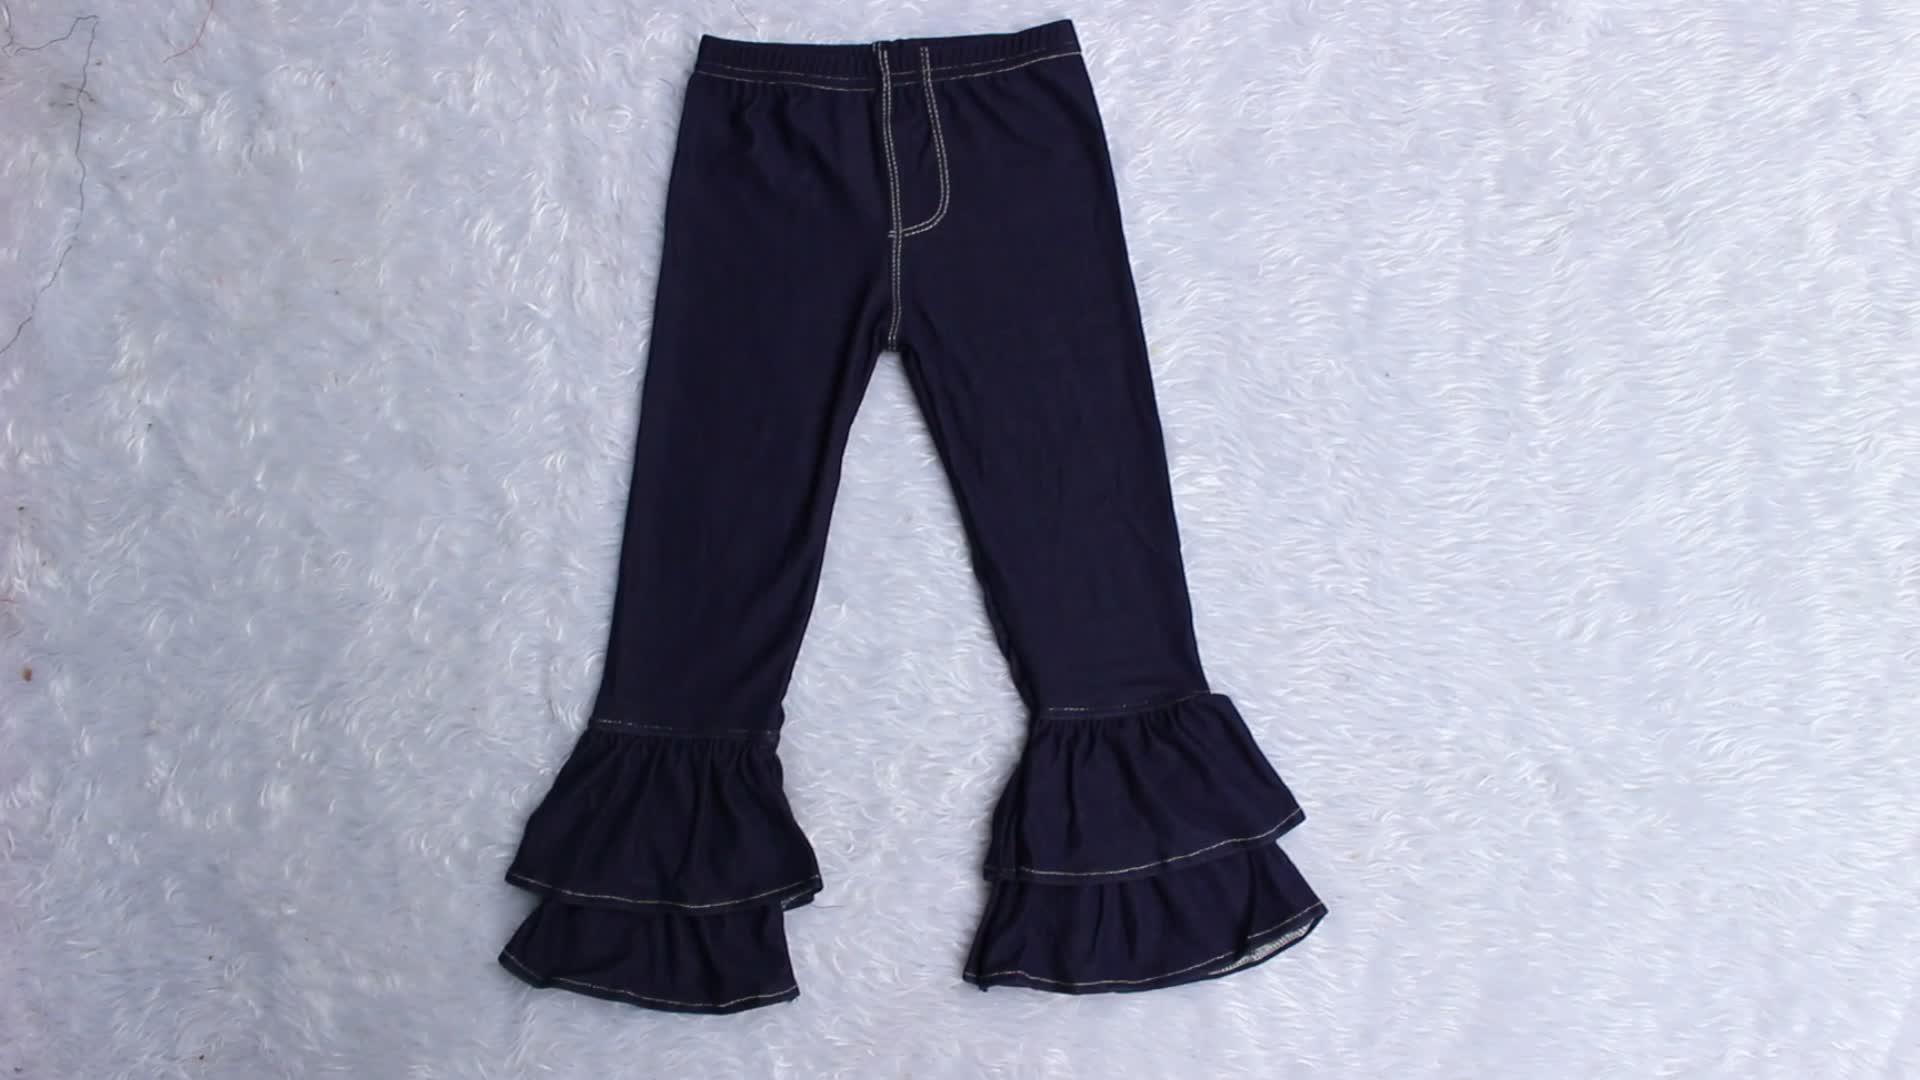 Pasen kleding voor meisje hoge kwaliteit katoen peuter kinderen ruche Capri meerdere kleuren triple ruche stijl kinderen broek